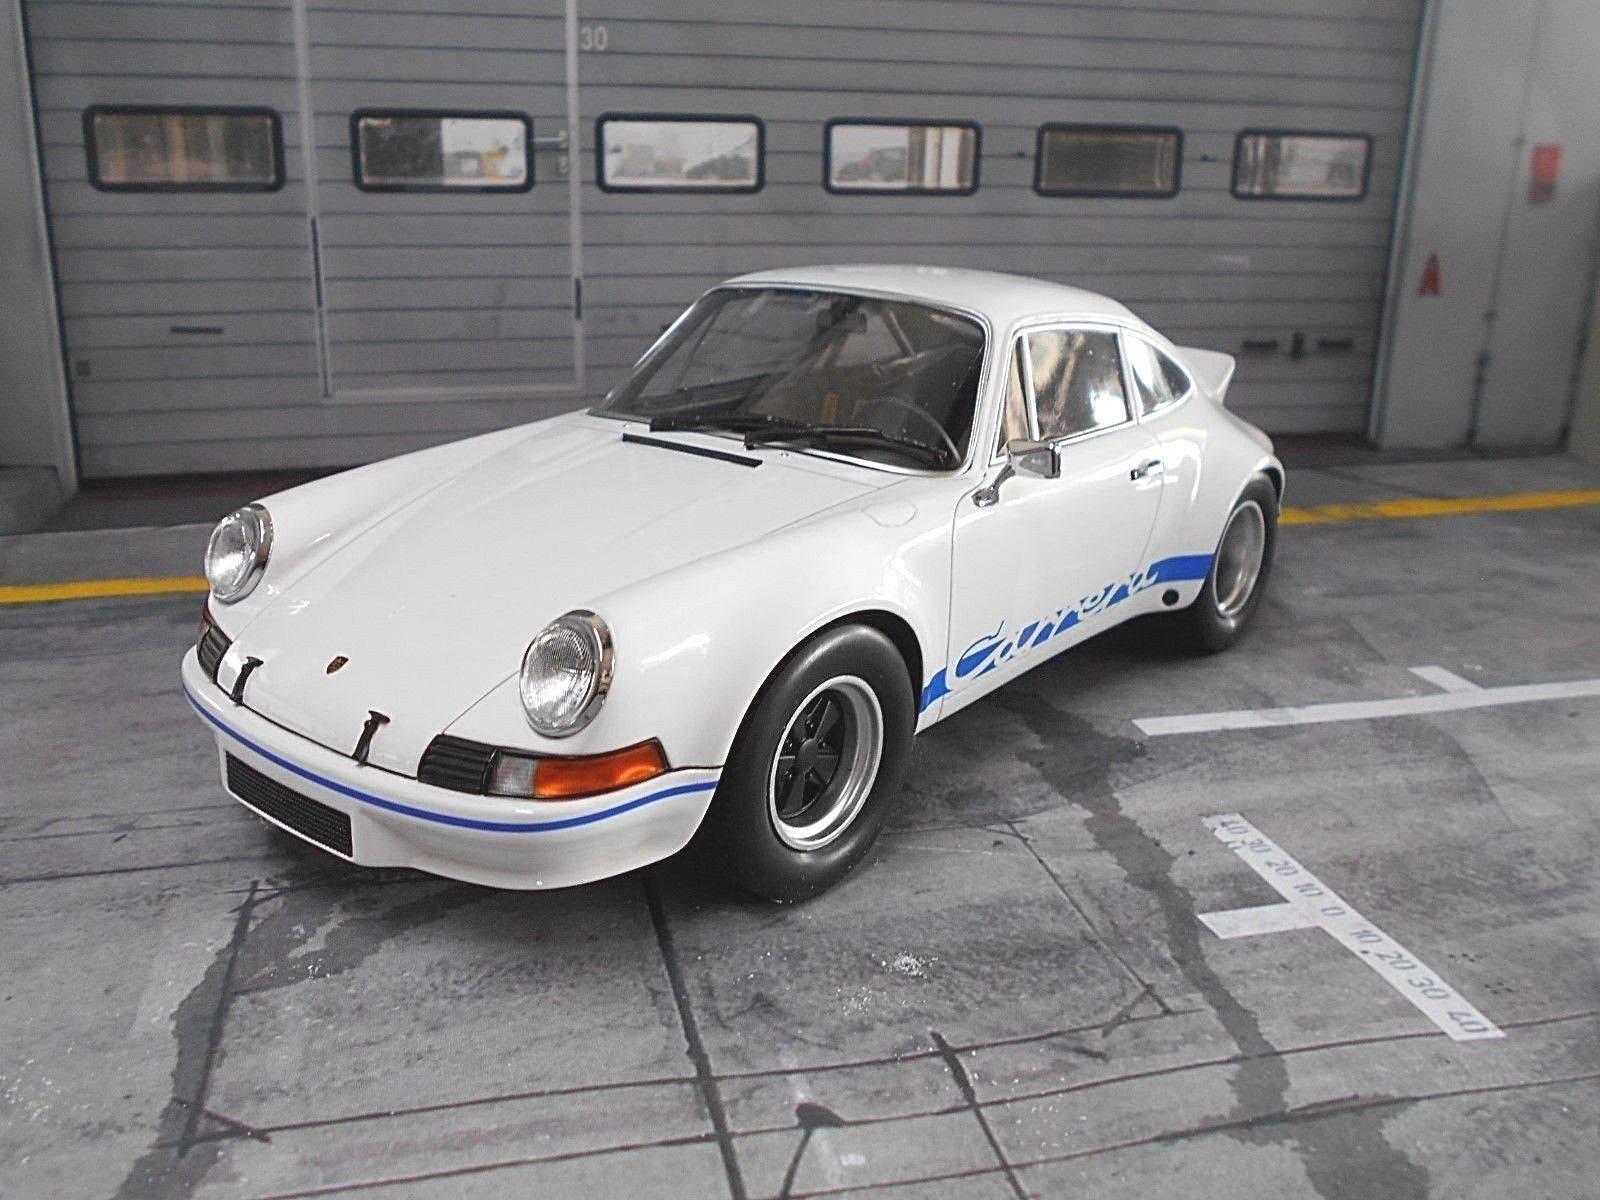 Porsche 911 Cocherera Sr 2.8 2.8 2.8 breitbau 2.7 Weiss campeón blancoo de mini - campeones RA 1  18 cf2